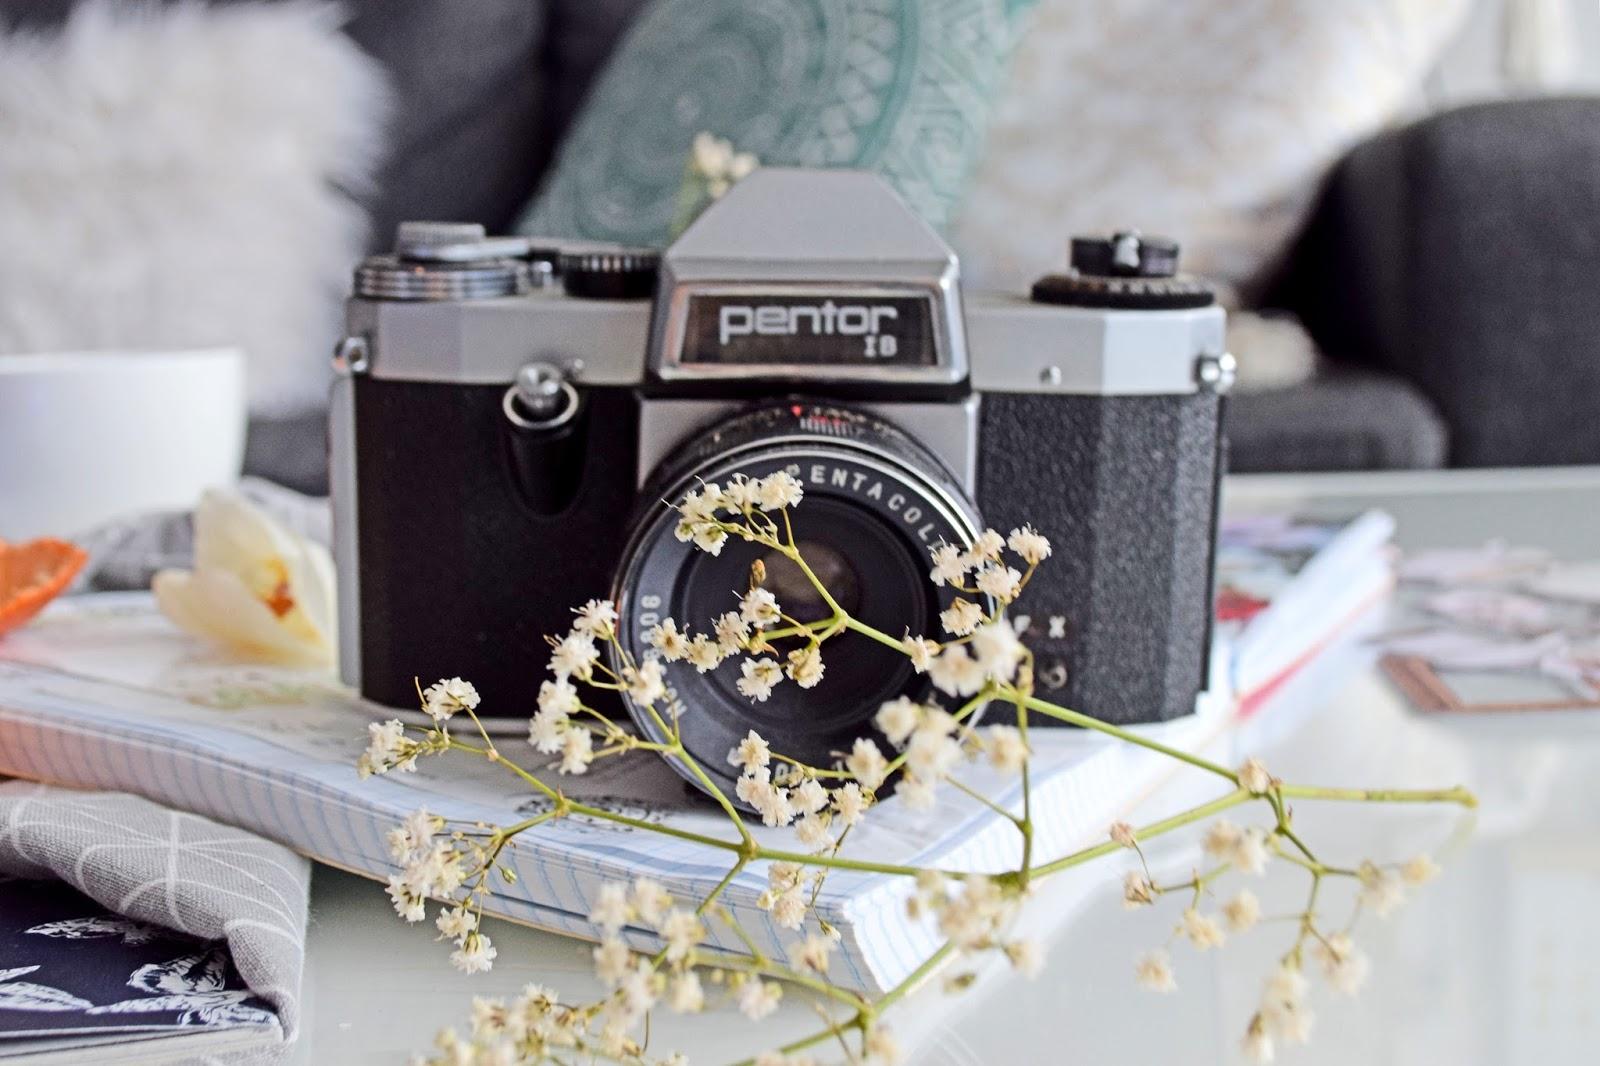 Piekny stary aparat